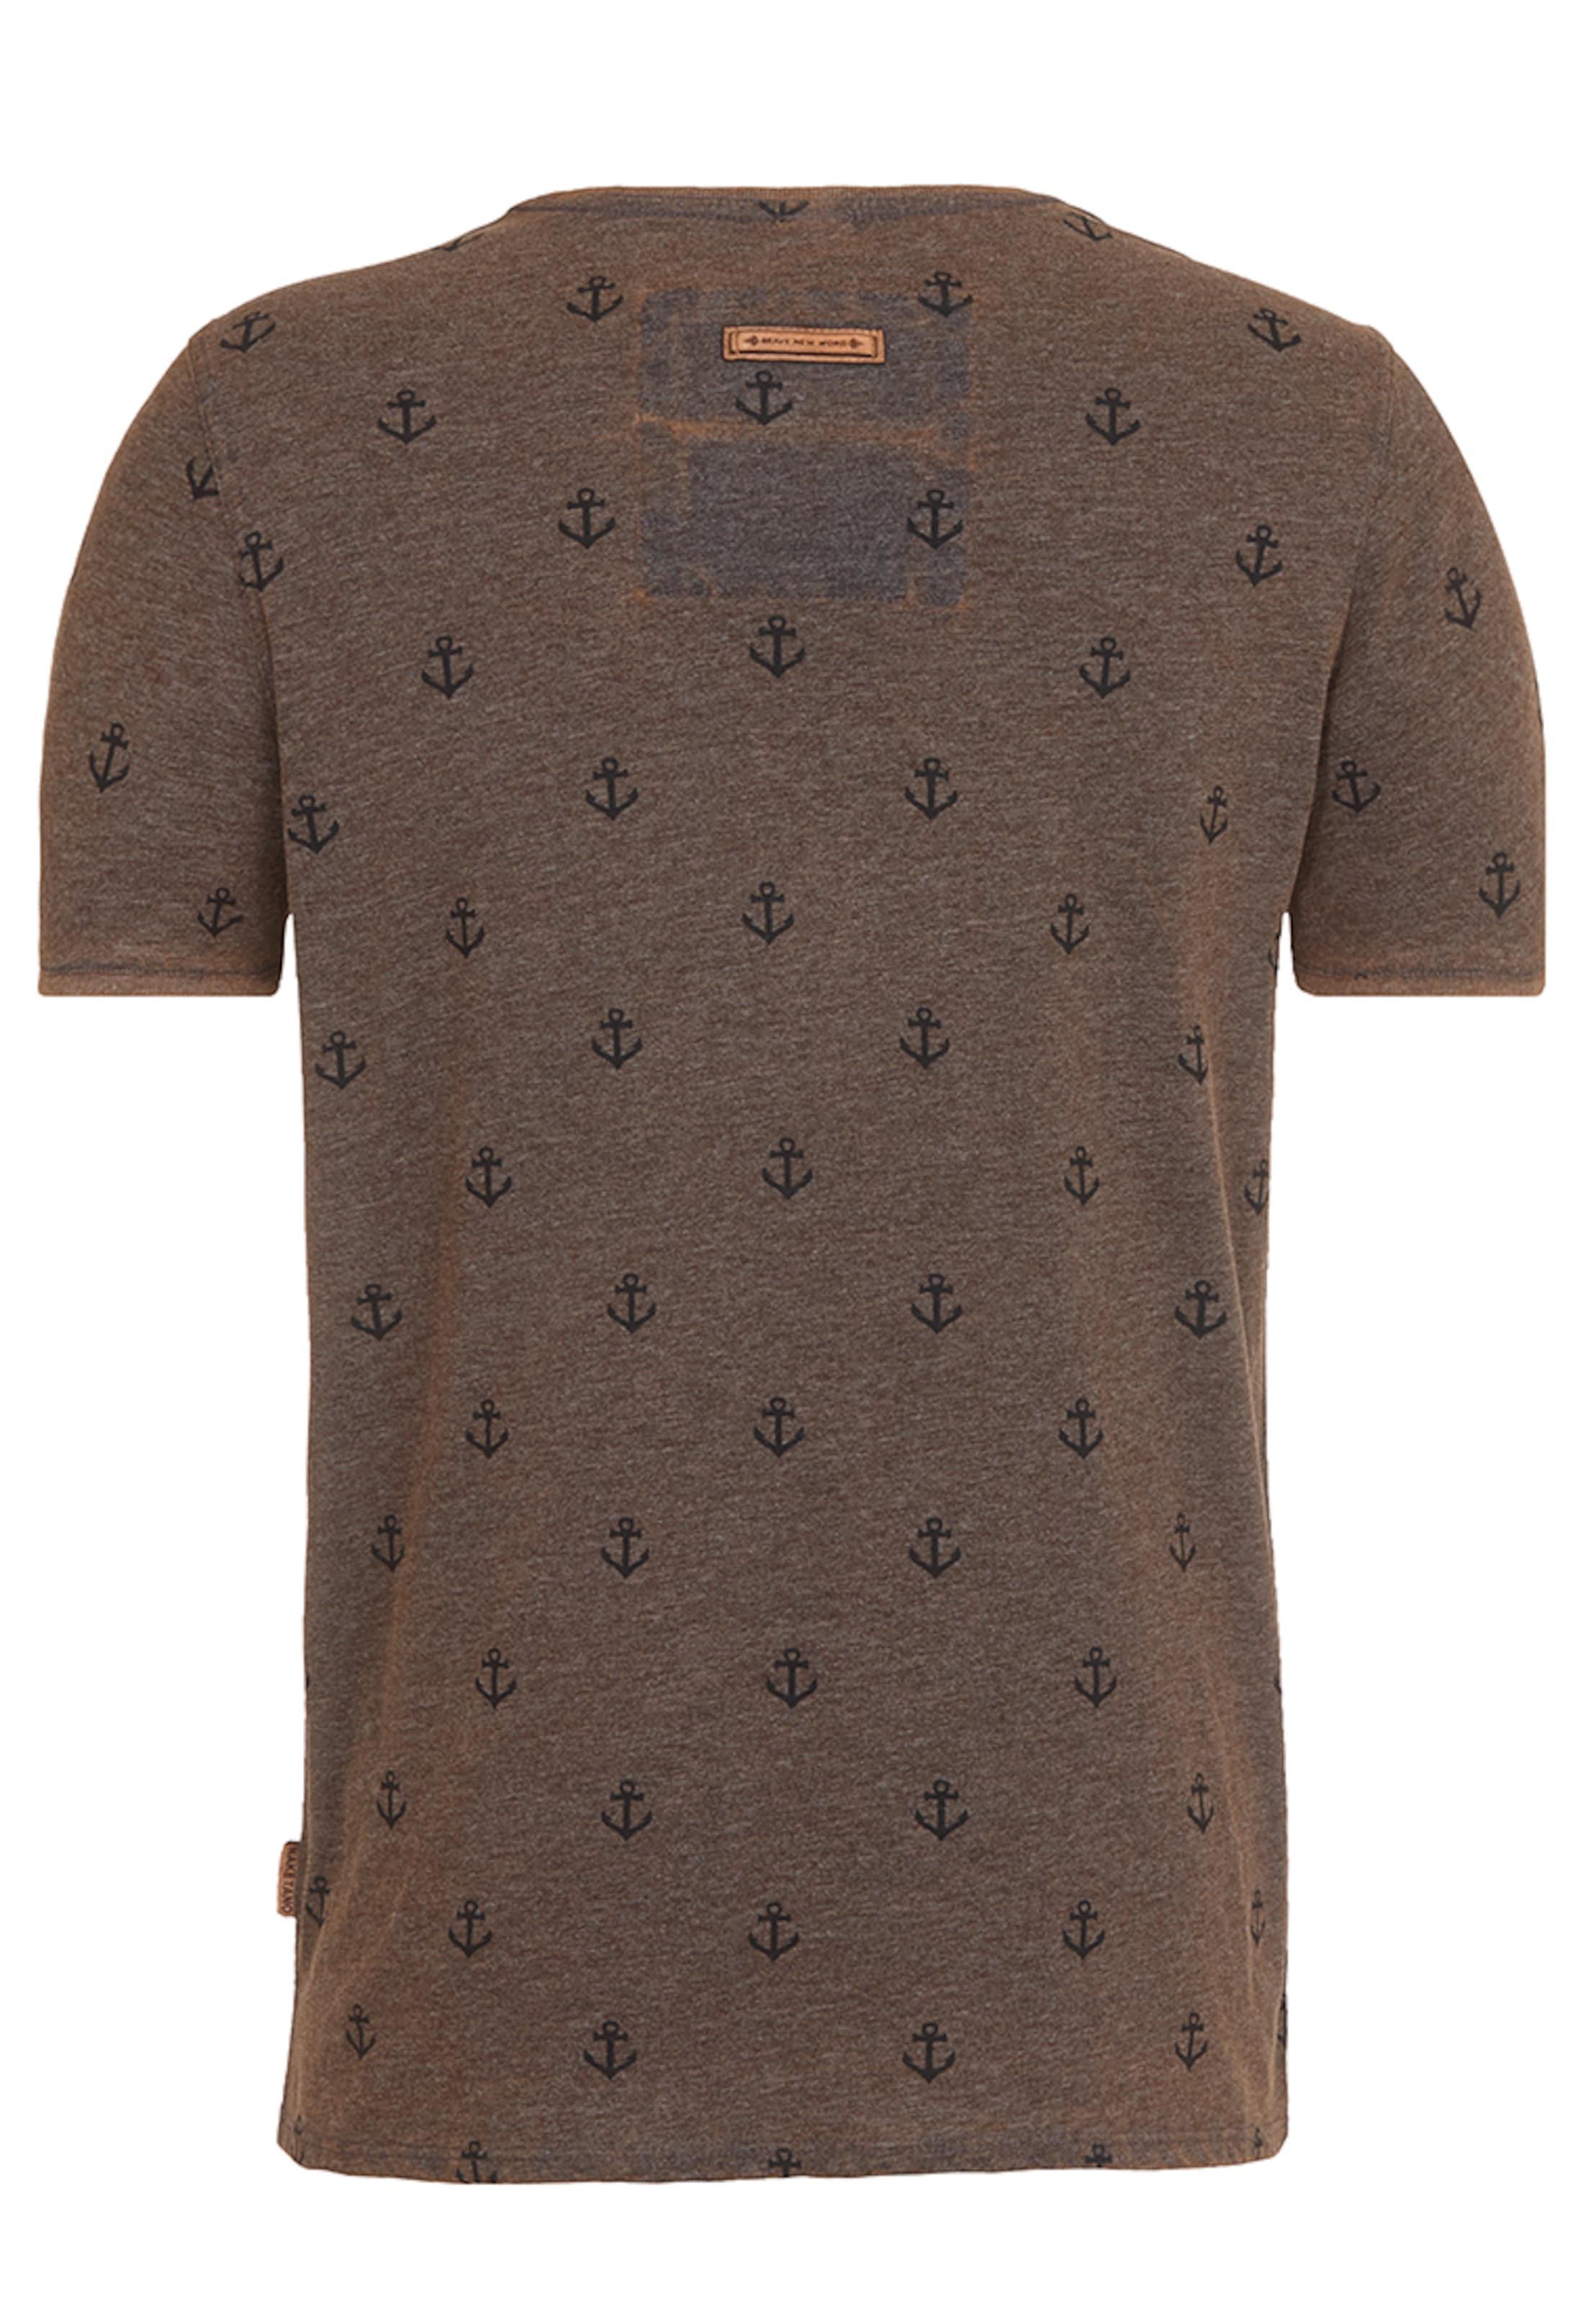 In Deutschland Verkauf Online Online-Shopping Günstigen Preis naketano T-Shirt 'El Master Del Buscho III' Freies Verschiffen Neue Ankunft Zahlen Mit Paypal Günstigem Preis 5Eh8KzsmZs